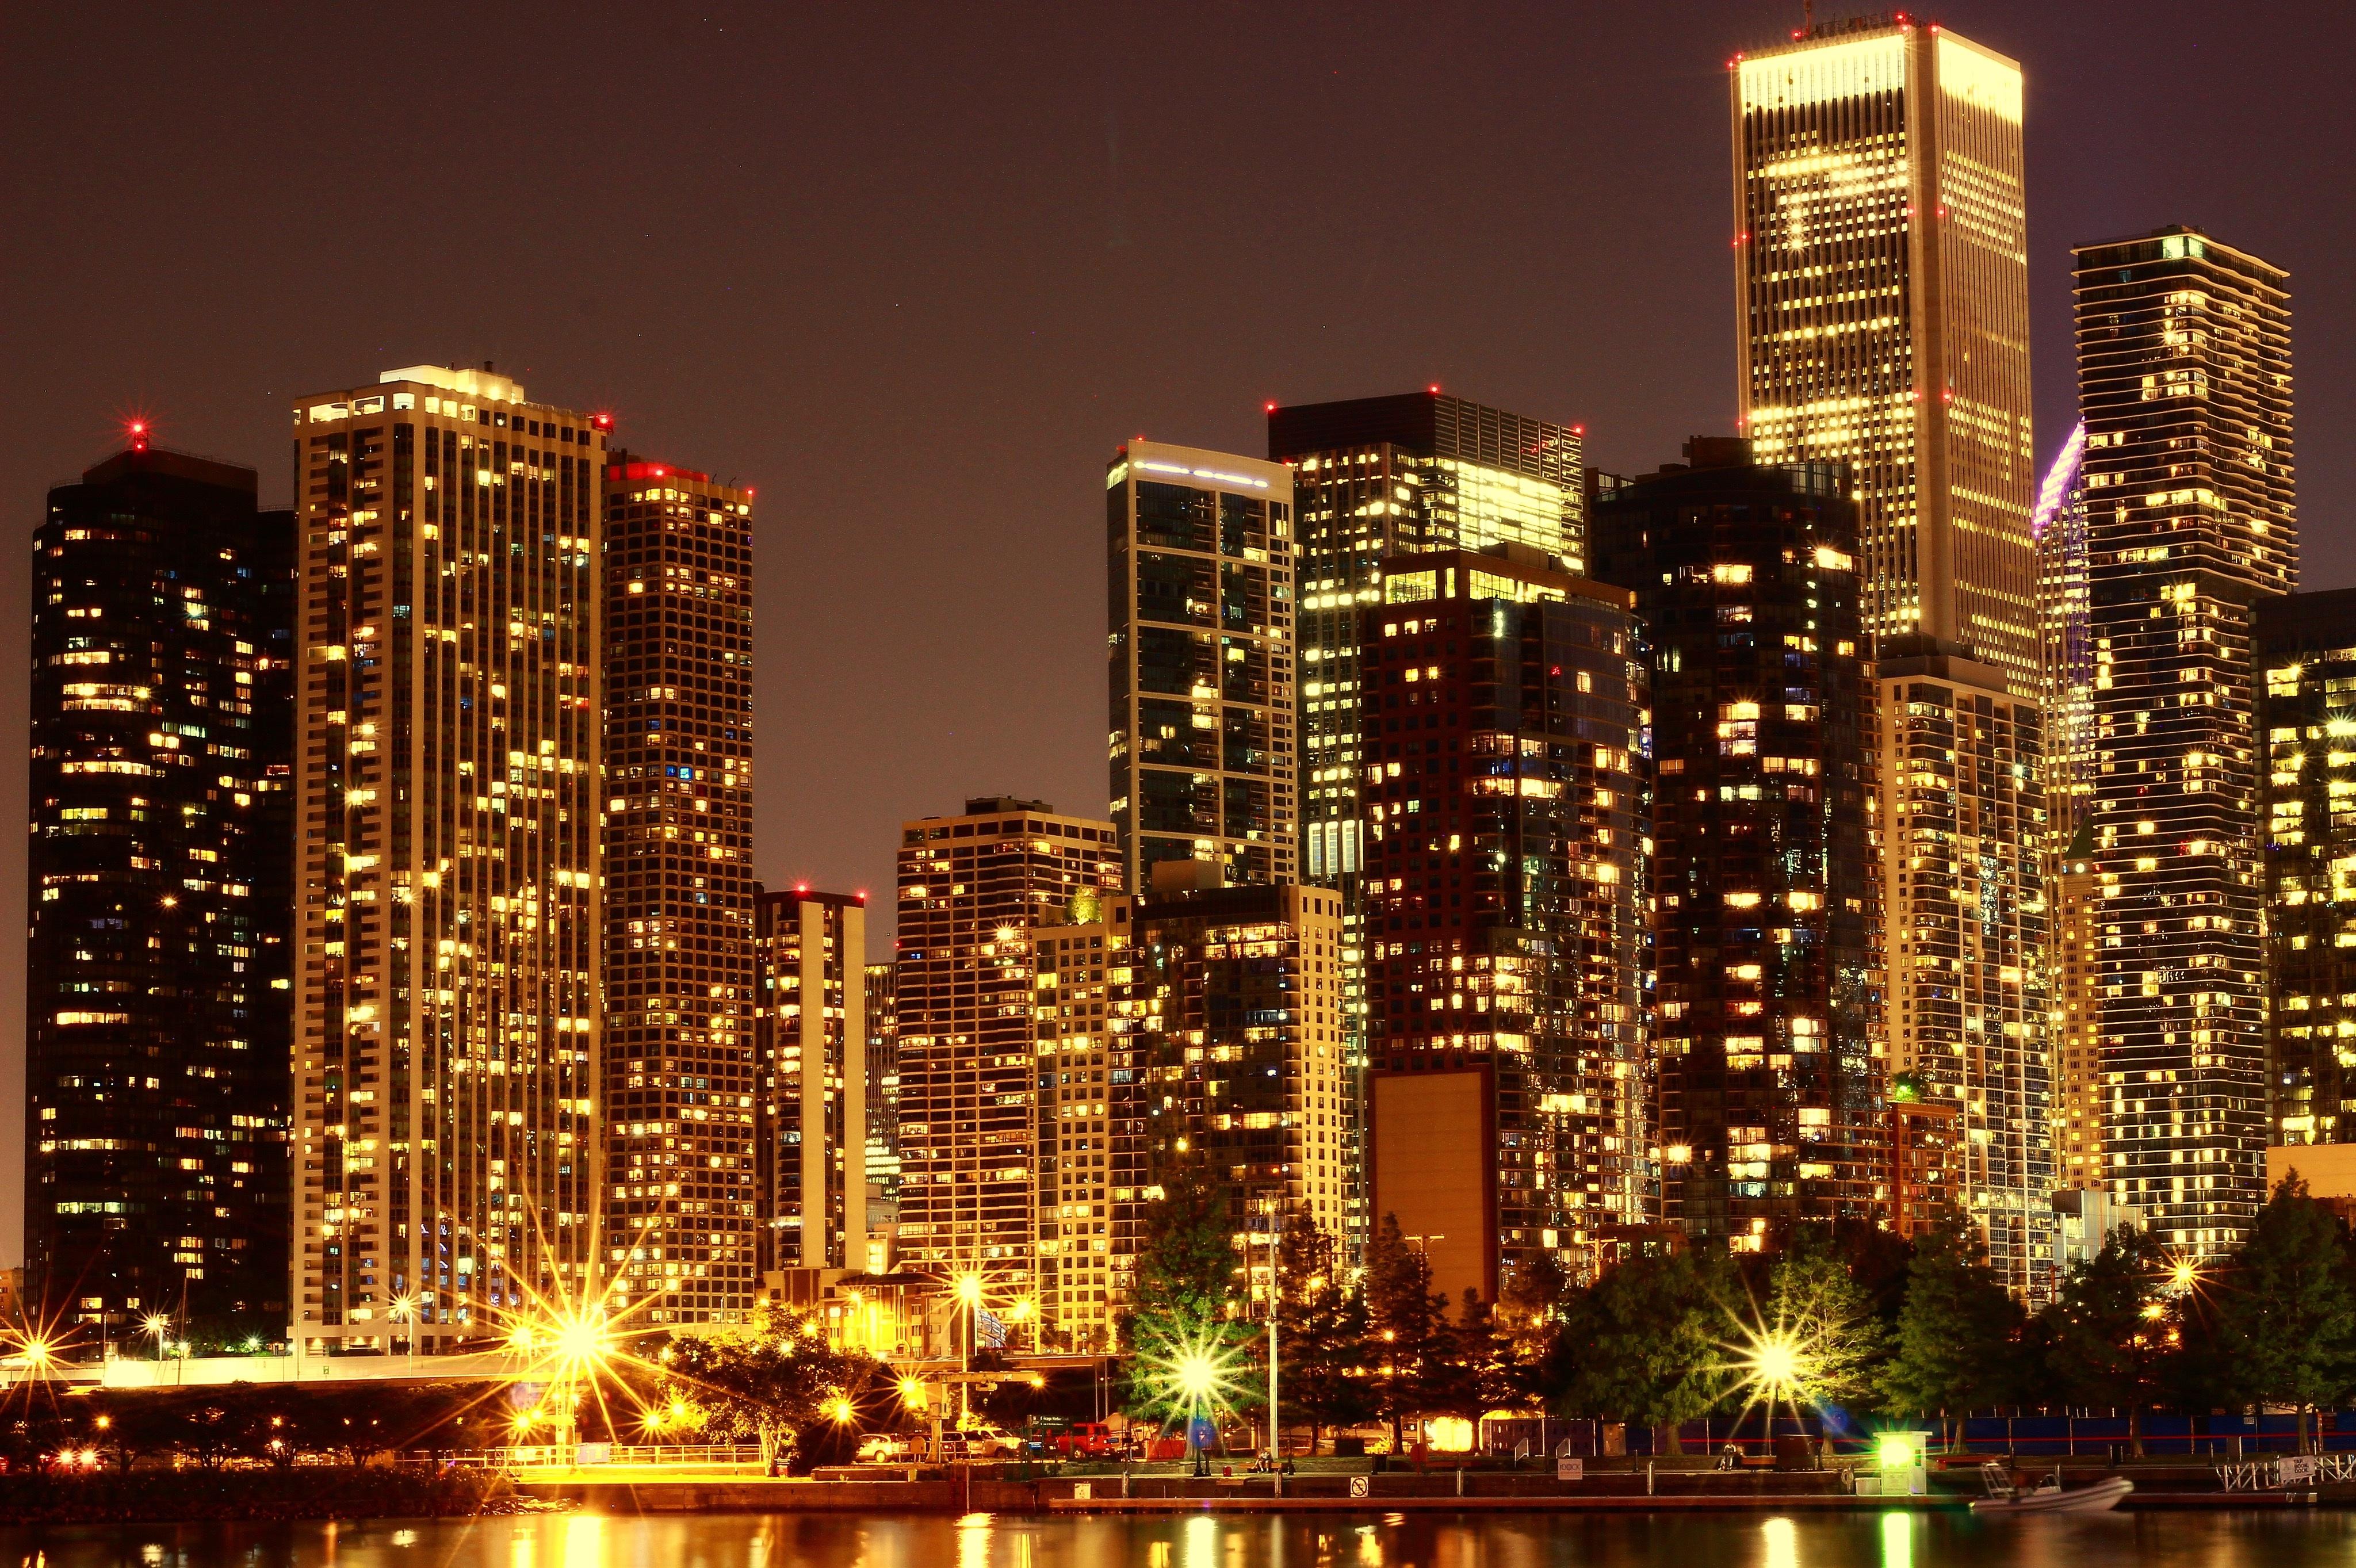 наше время картинки ночного города высокого разрешения вечером концерт, котором